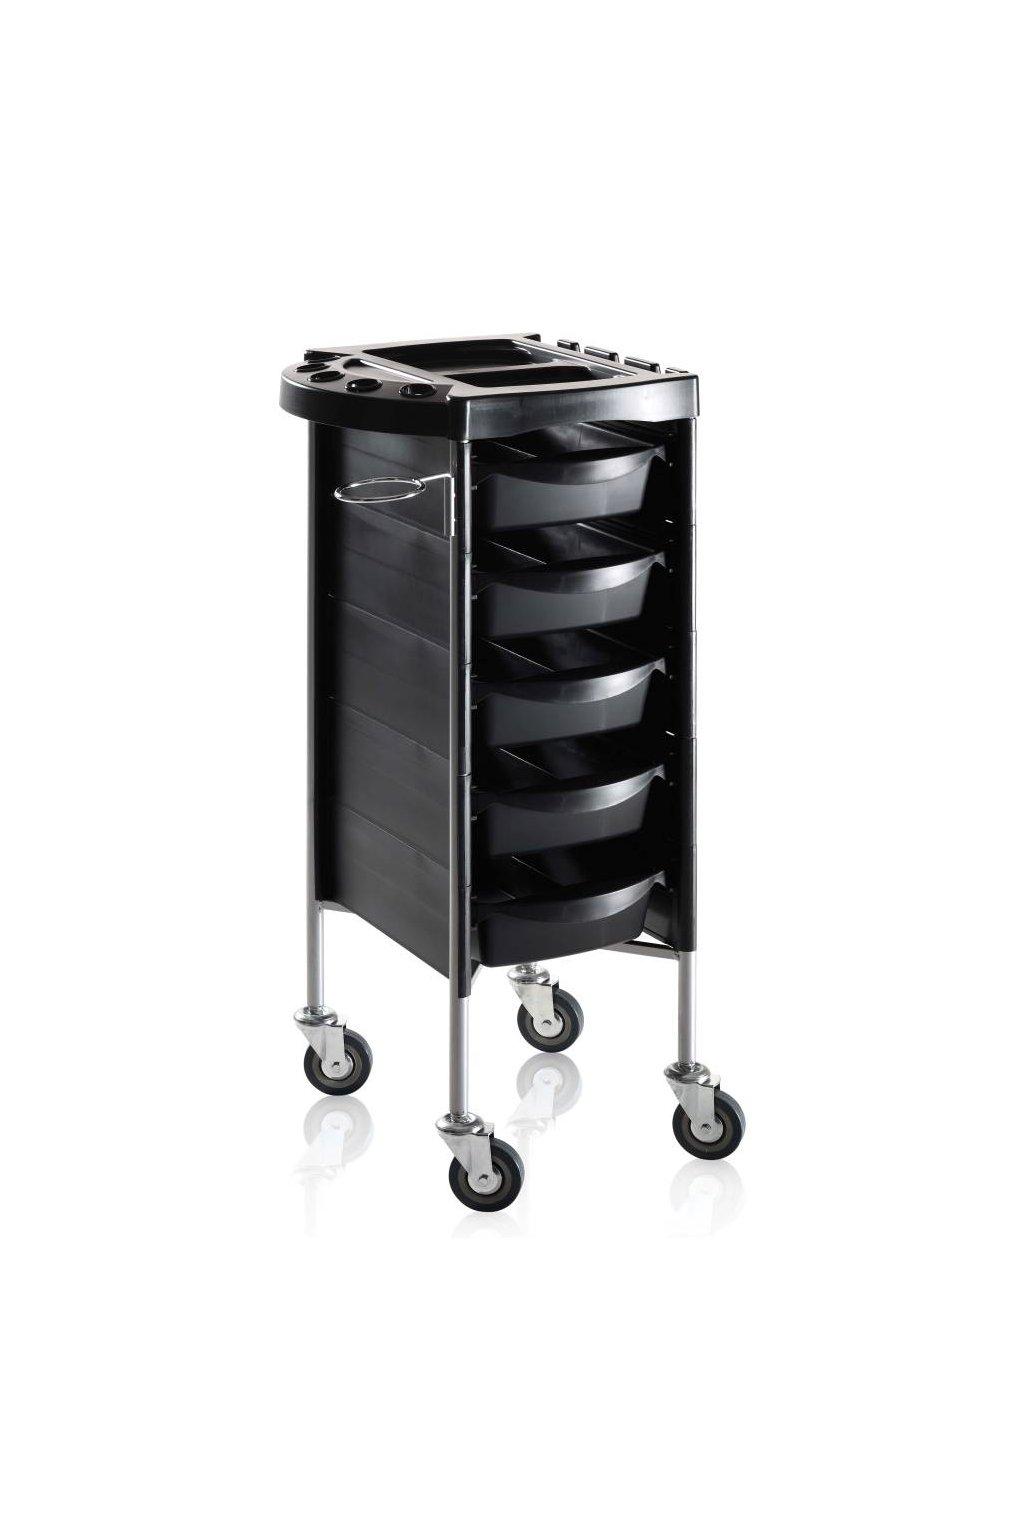 Kadeřnický vozík ACCADEMY 200, 5 šuplíků (Barva Černá)